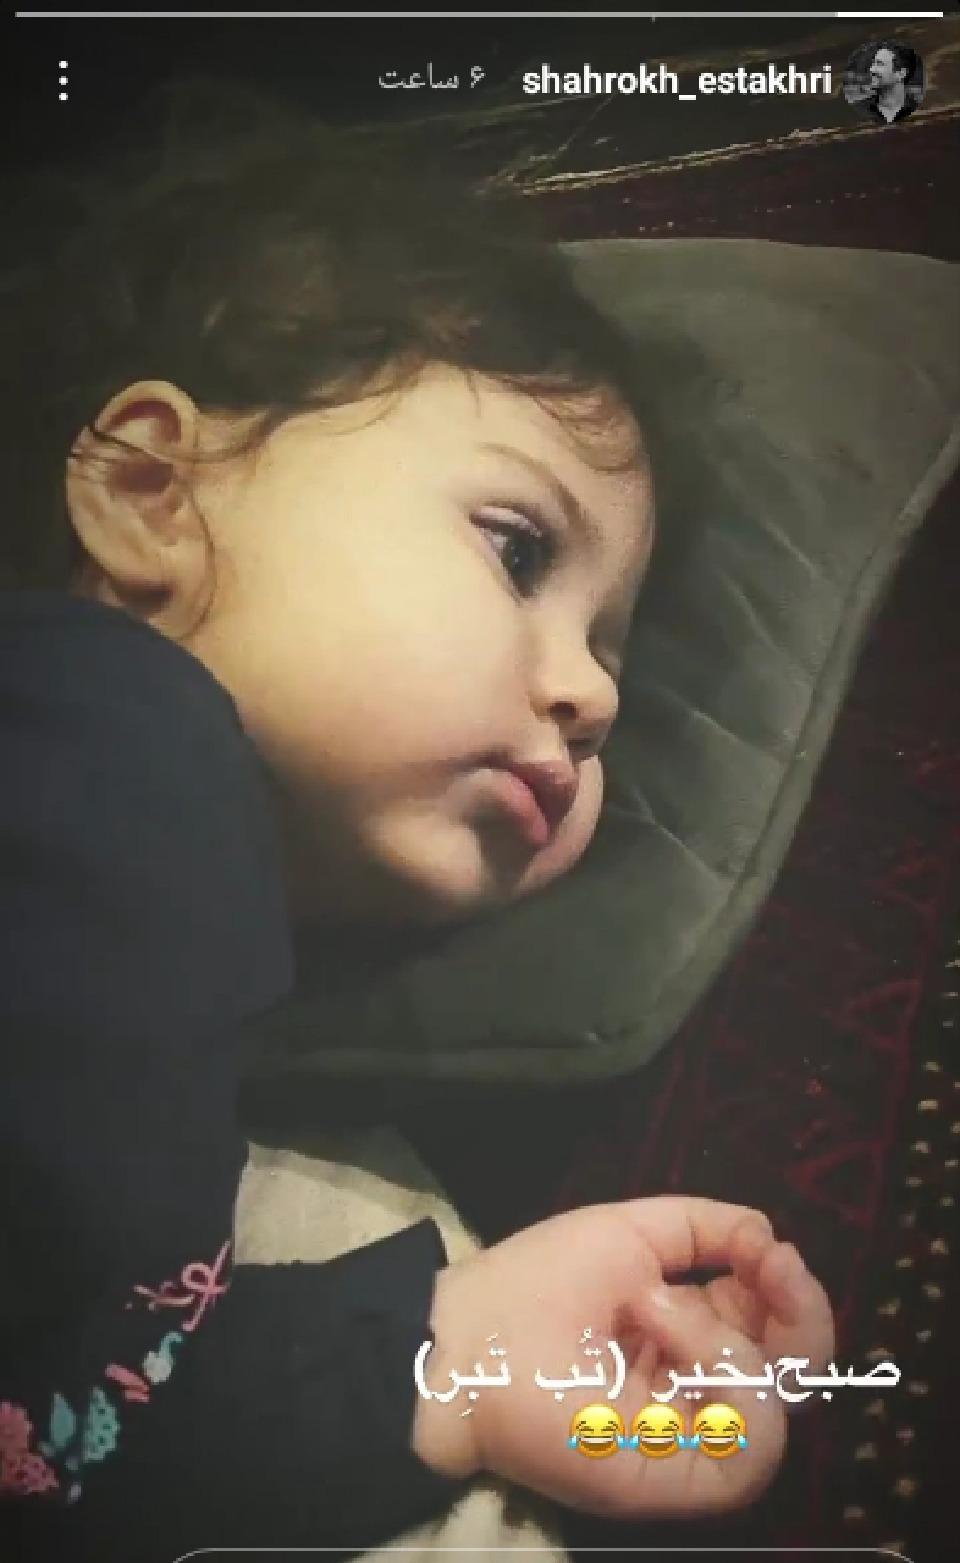 دختر کوچک شاهرخ استخری